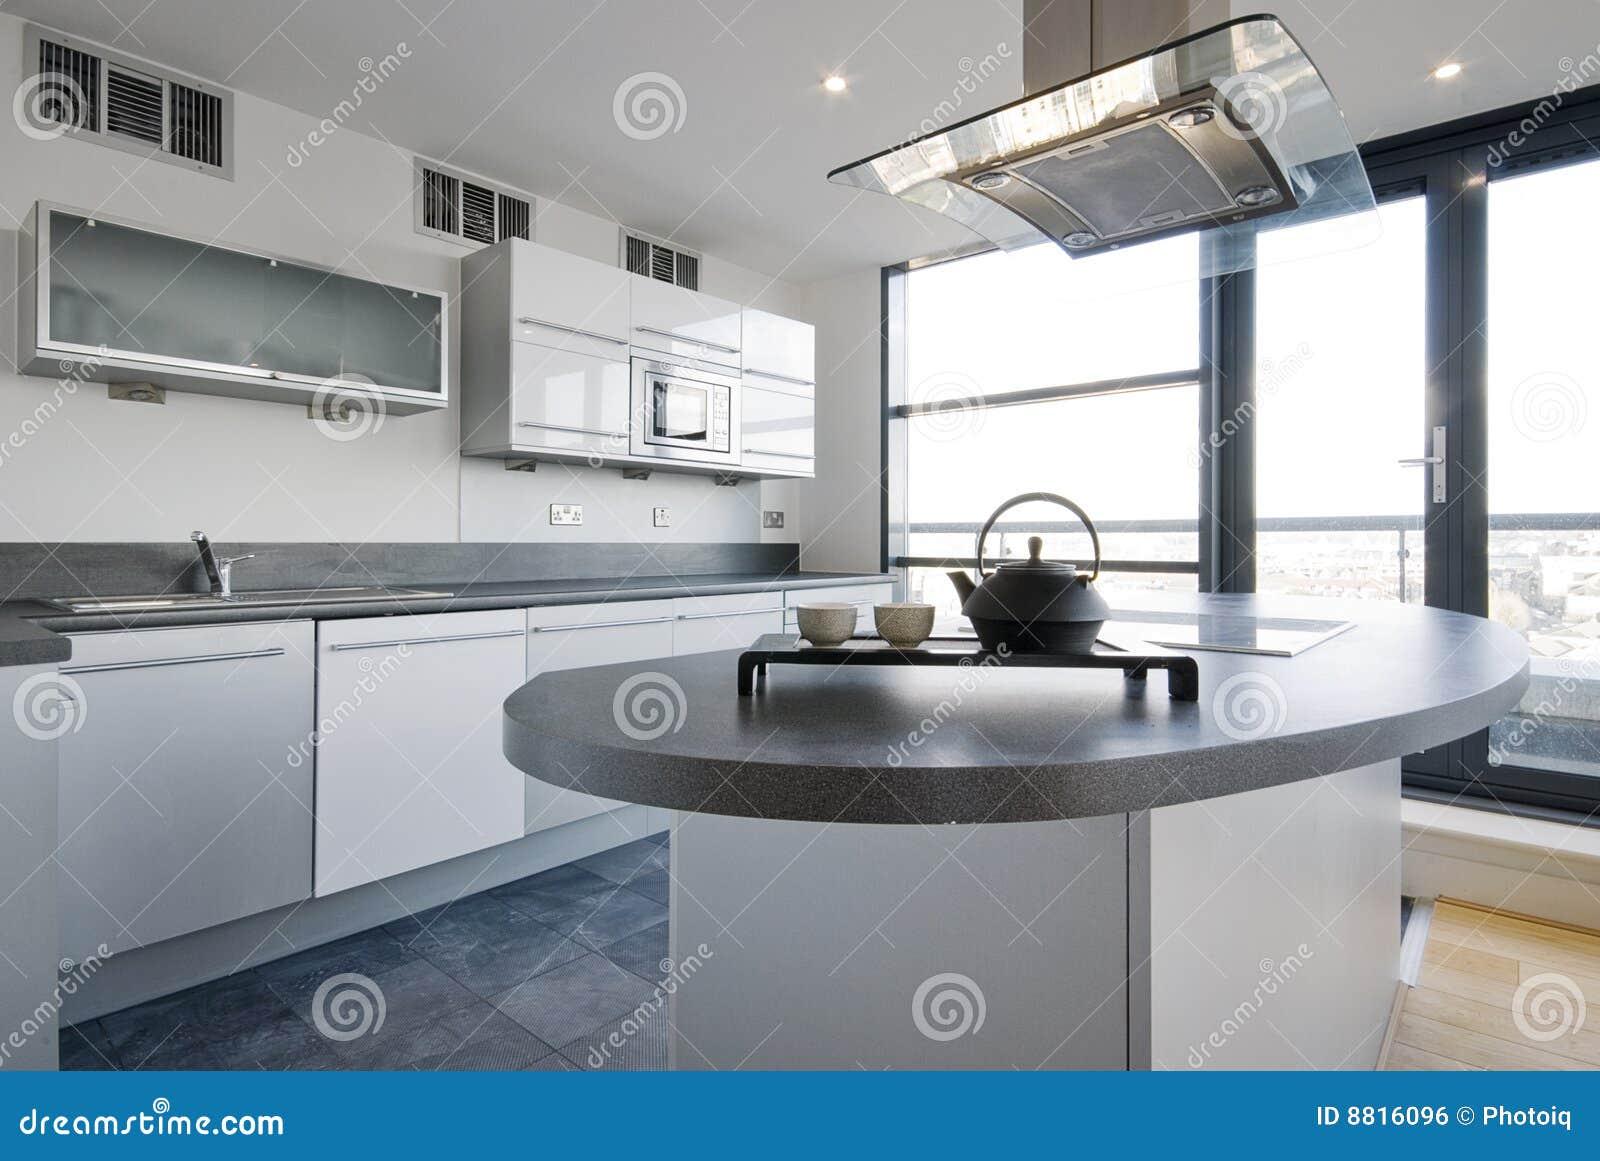 Cucina di lusso con le zone di lavoro separate fotografia - Cucina di lusso ...